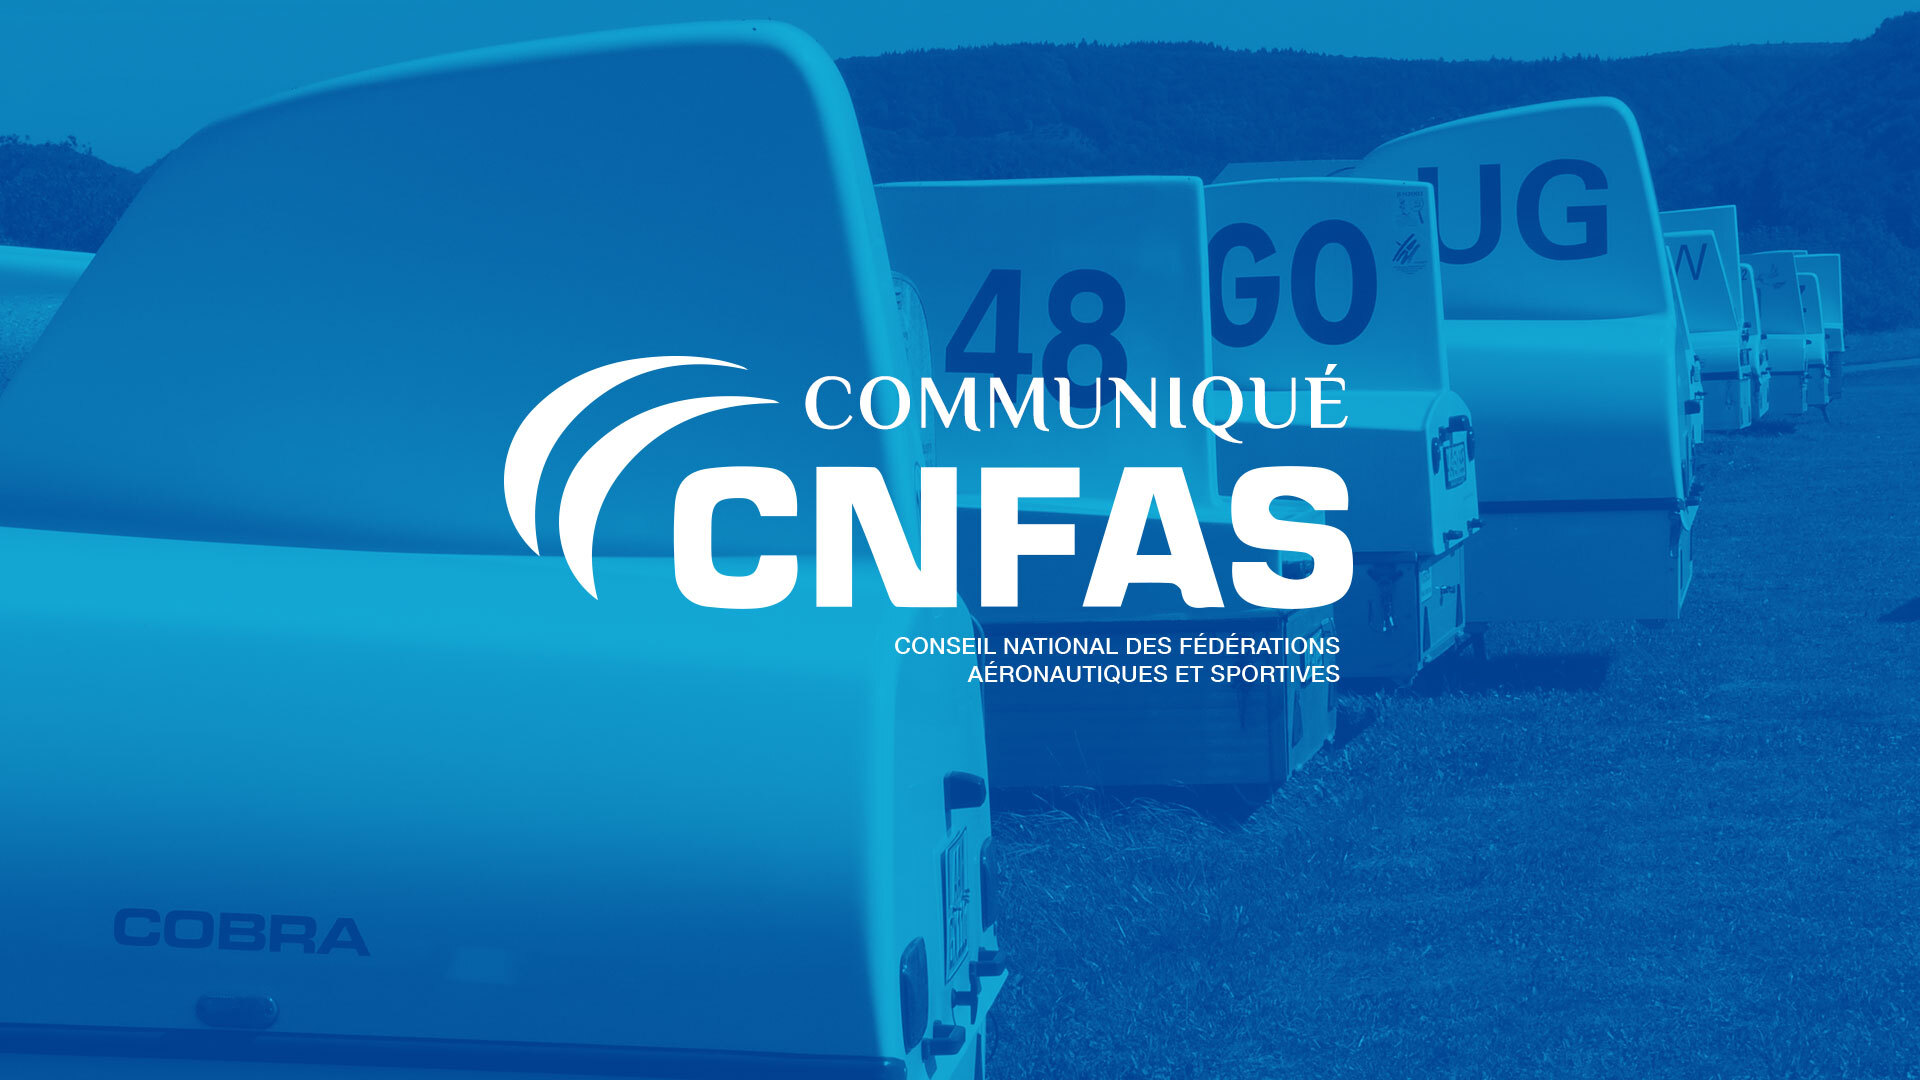 Communiqué CNFAS : Reconfinement et activité aéronautique